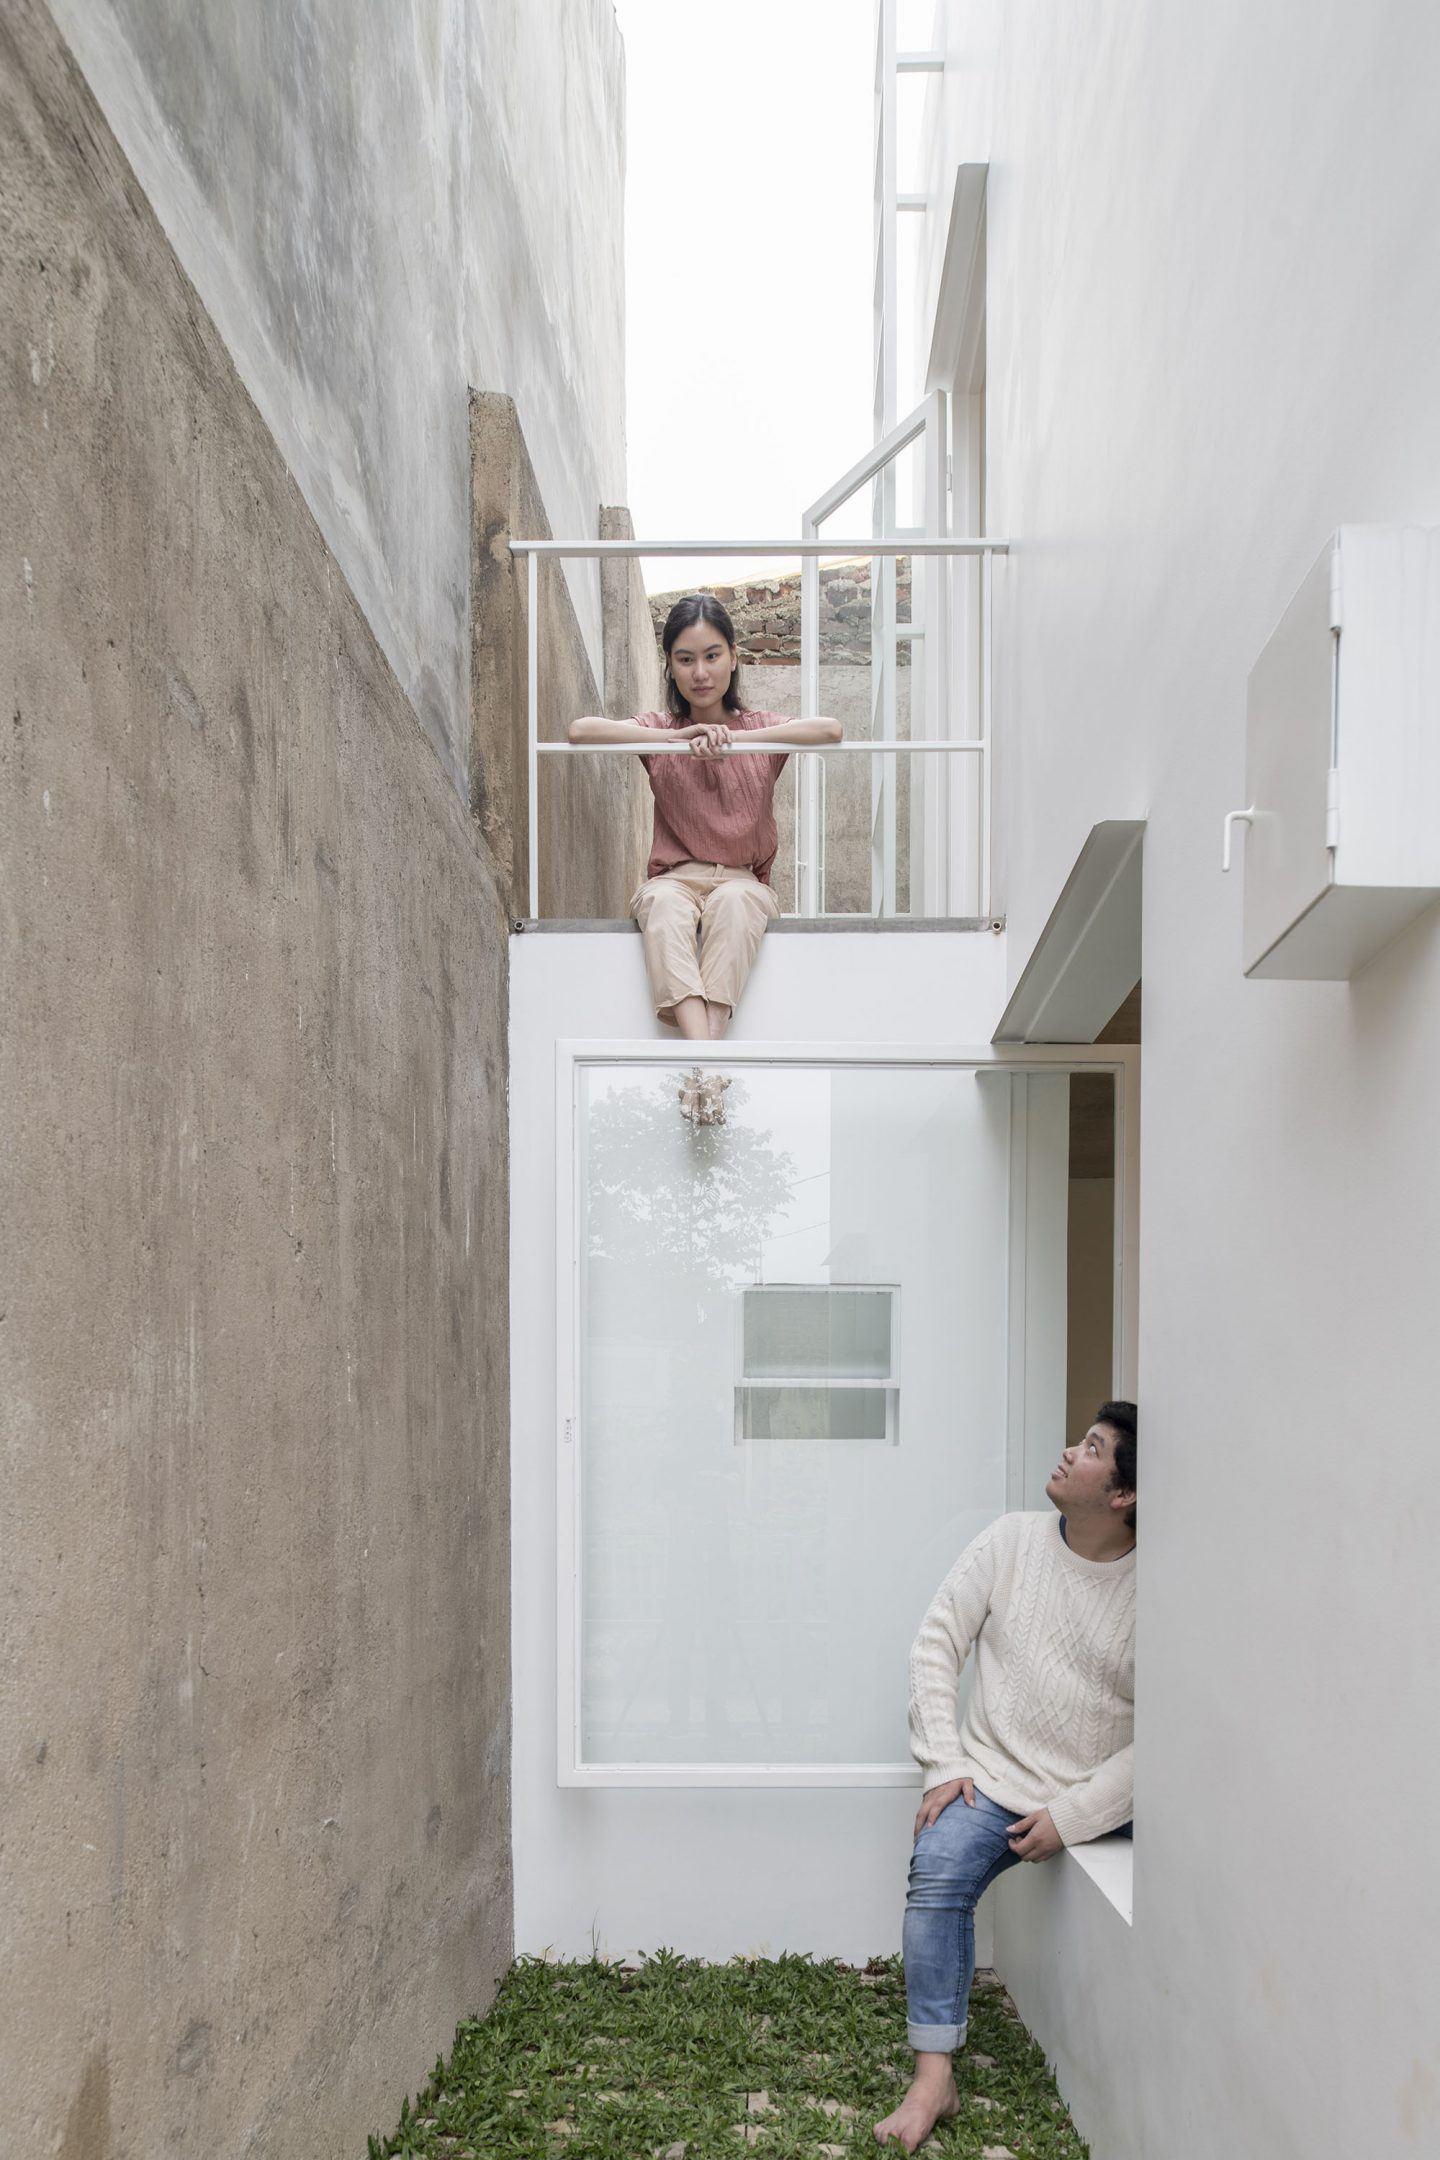 IGNANT-Architecture-Dua-Studio-4x6x6-13